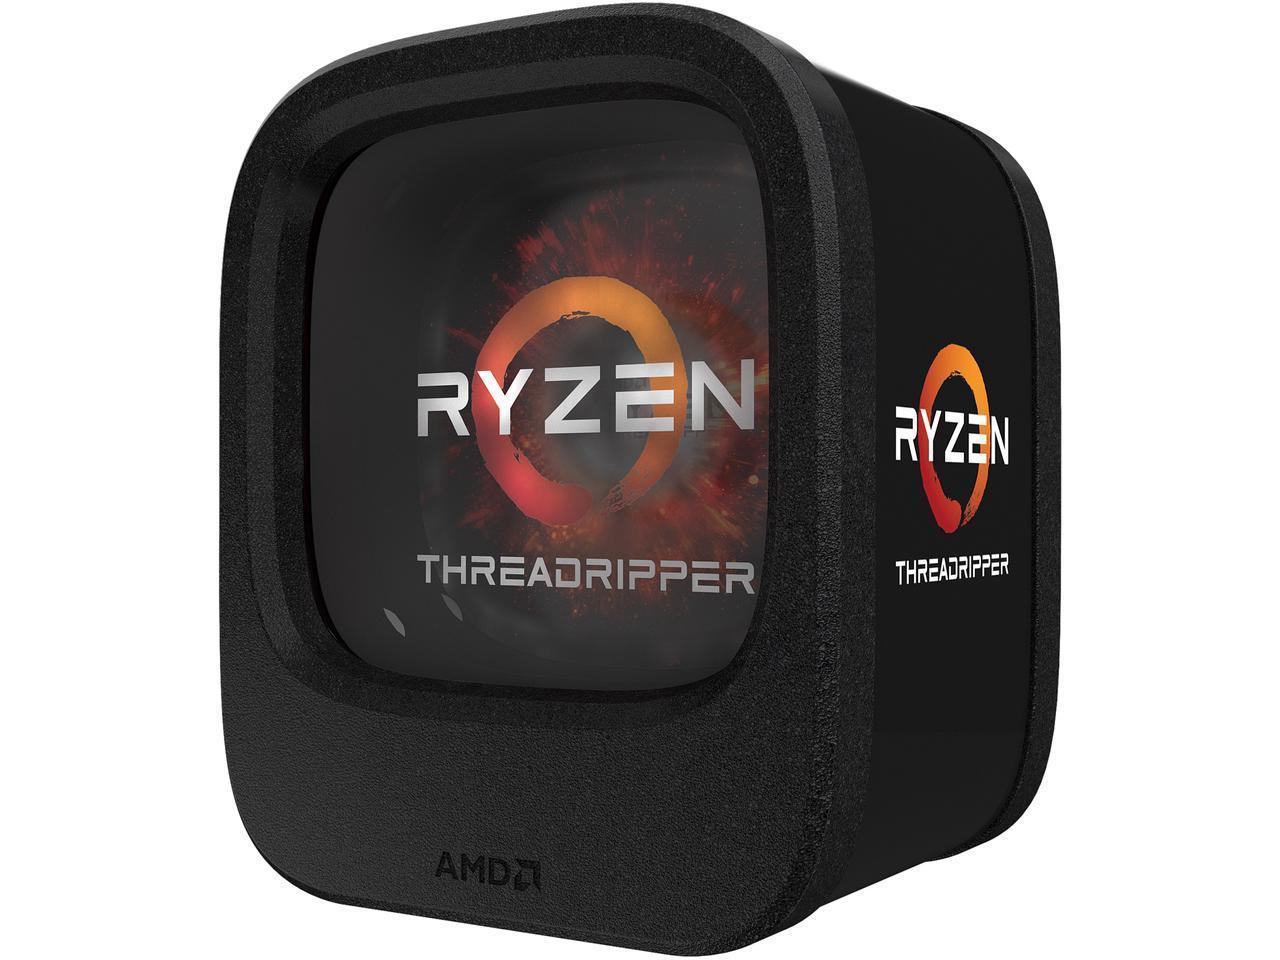 AMD RYZEN Threadripper 1950X 16-Core / 32 Threads 3.4 GHz